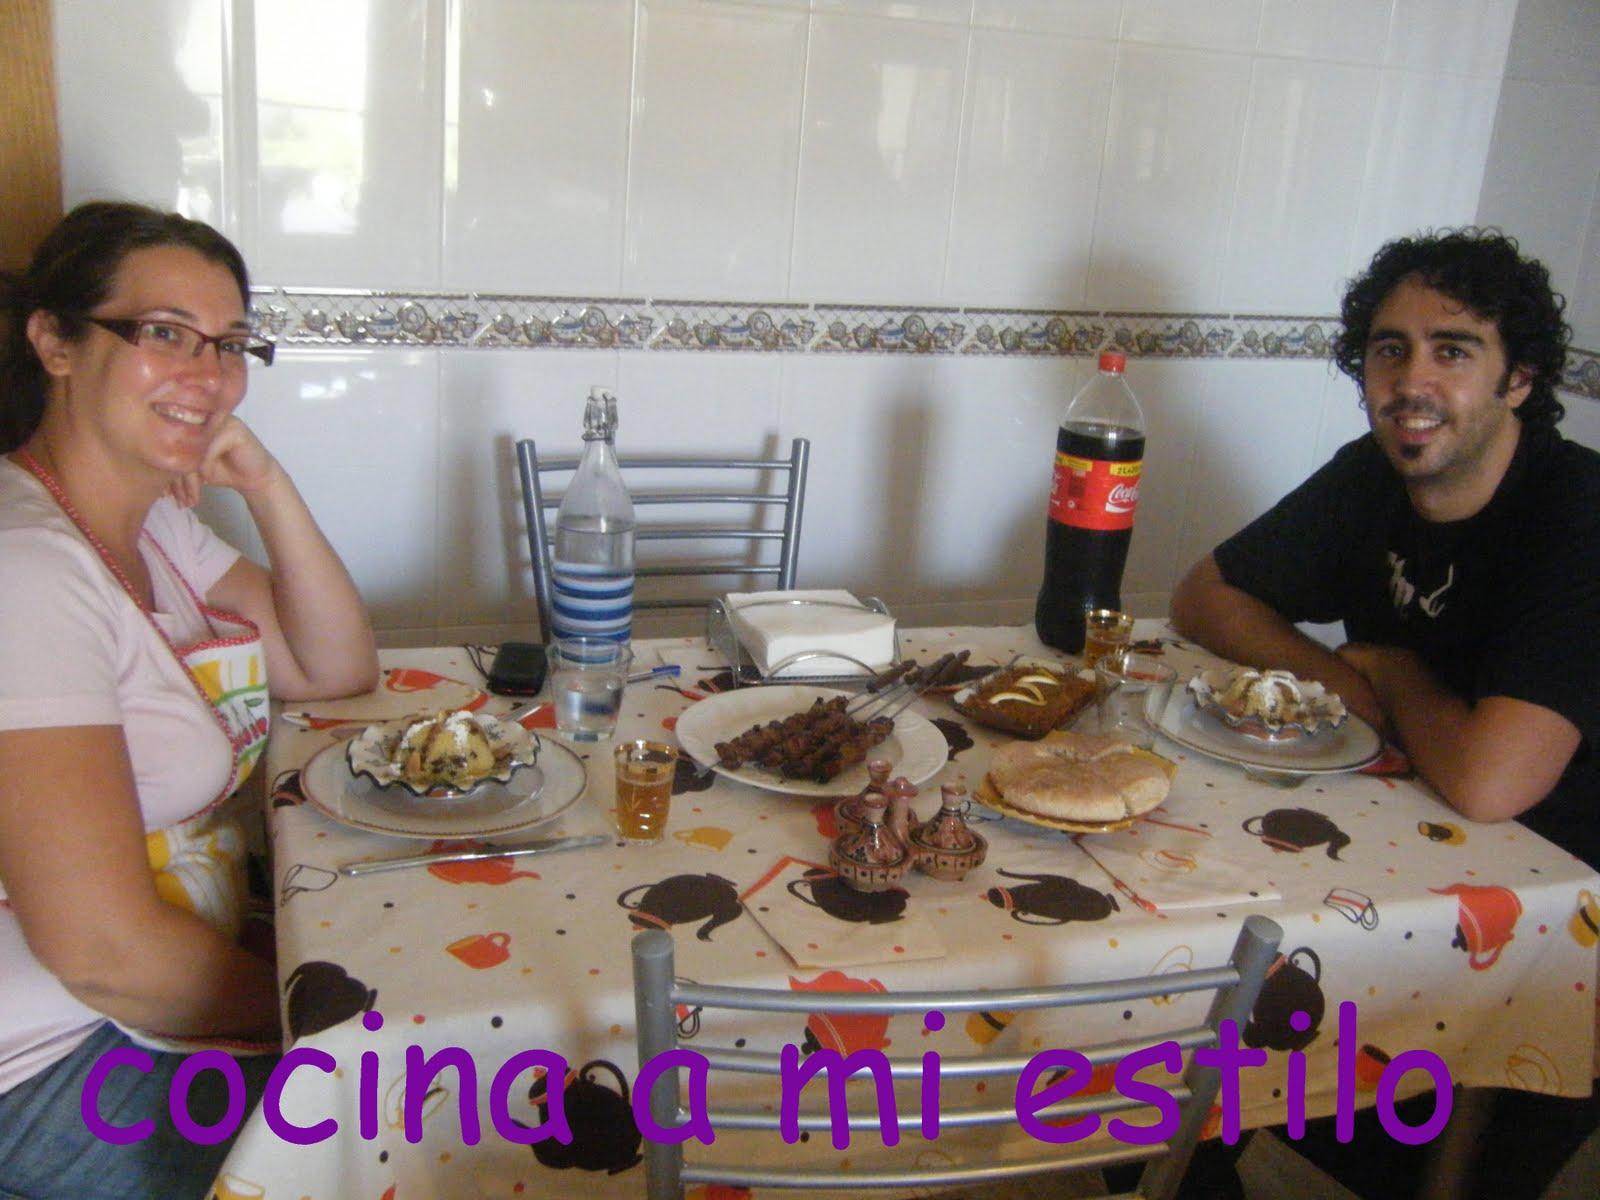 Cocina a mi estilo curso de cocina rabe ciudad real - Cursos de cocina en ciudad real ...